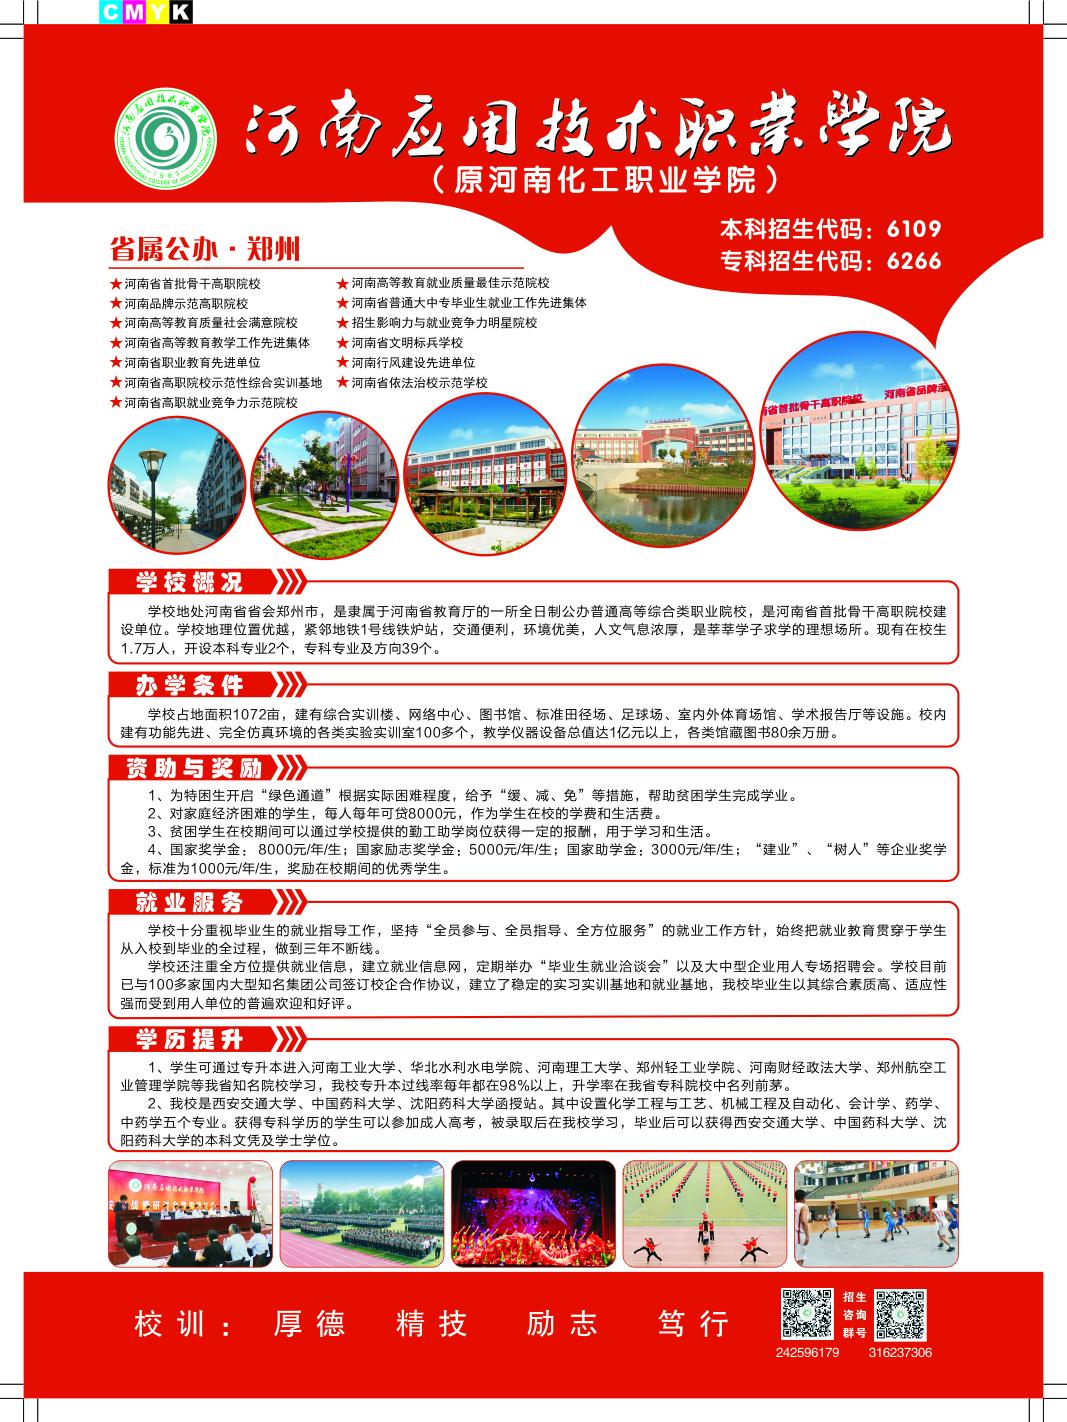 河南应用技术职业学院2017年单独招生简章